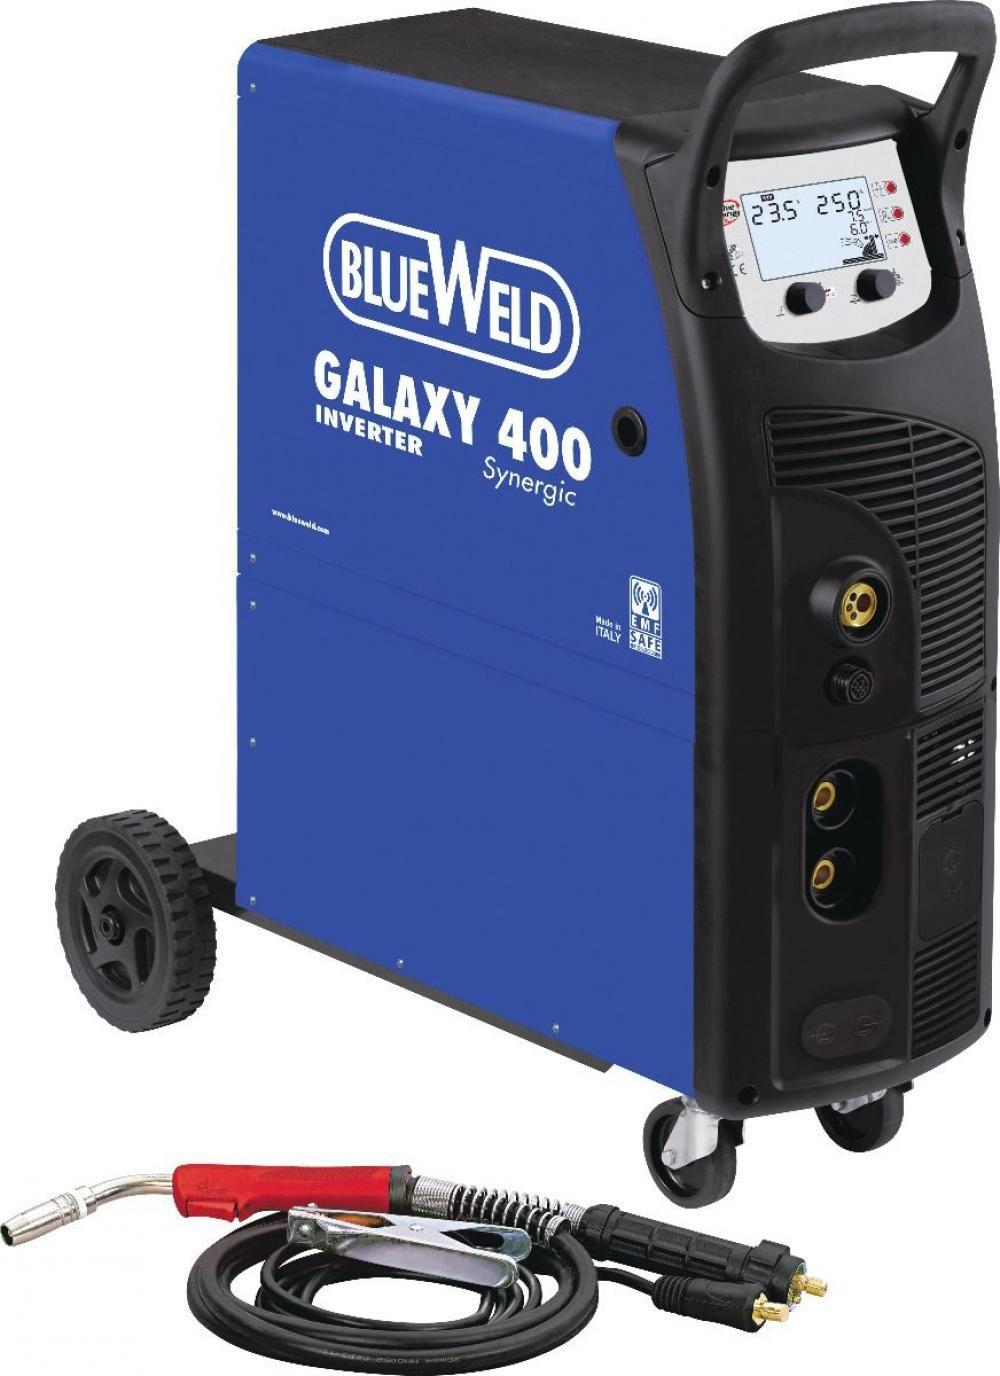 Blueweld Galaxy 400 Synergic